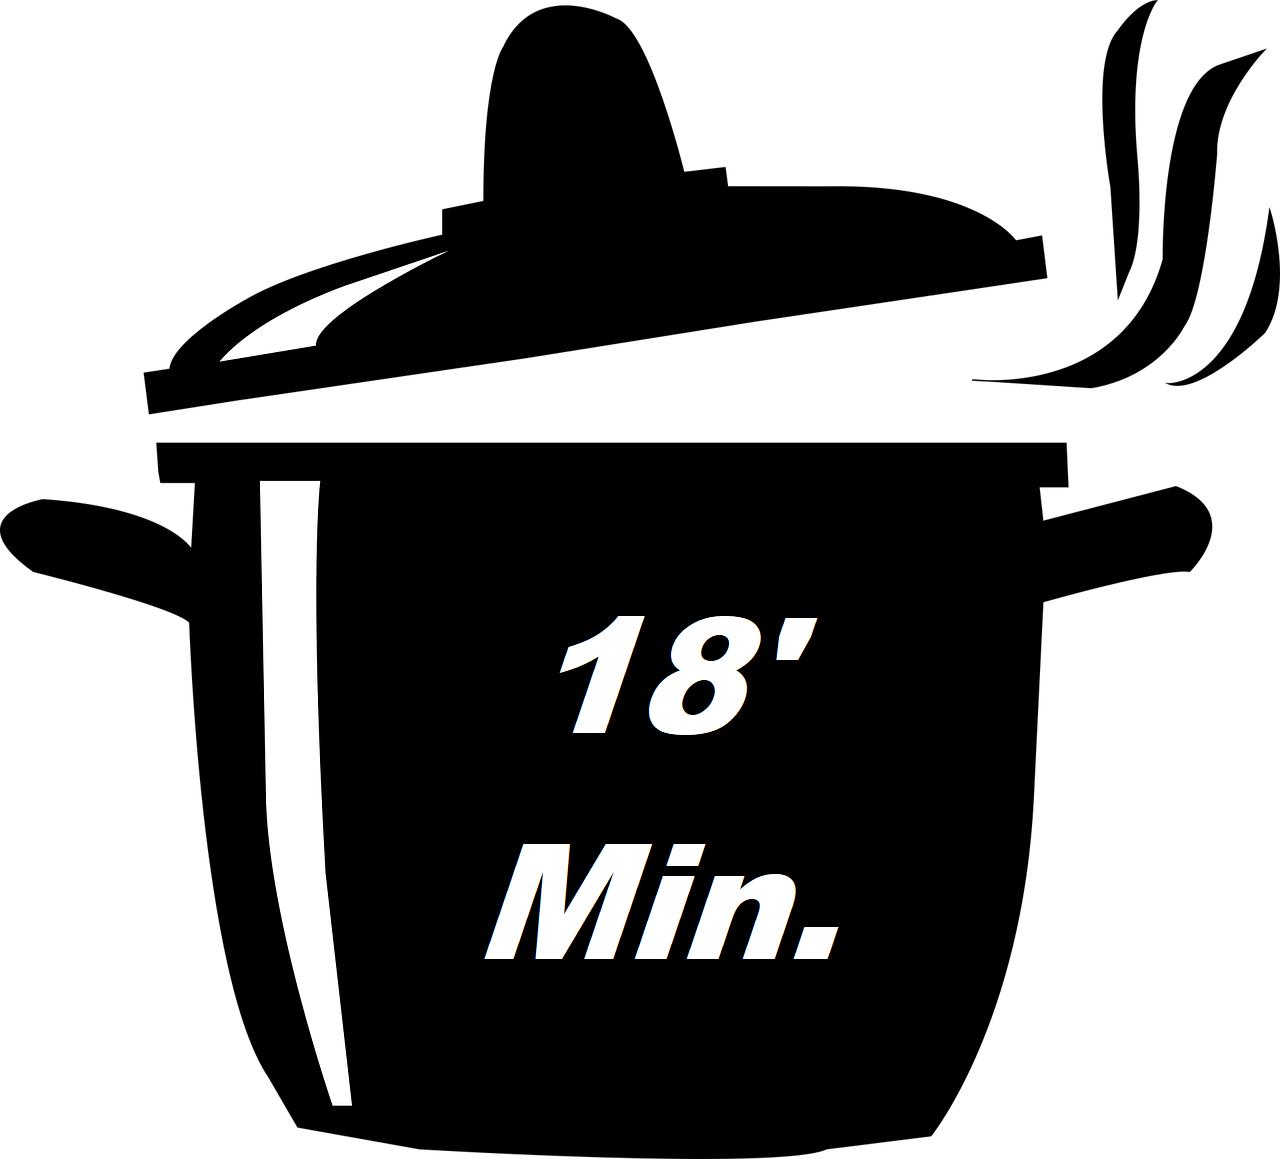 Icona Cottura Risotto 18 Minuti